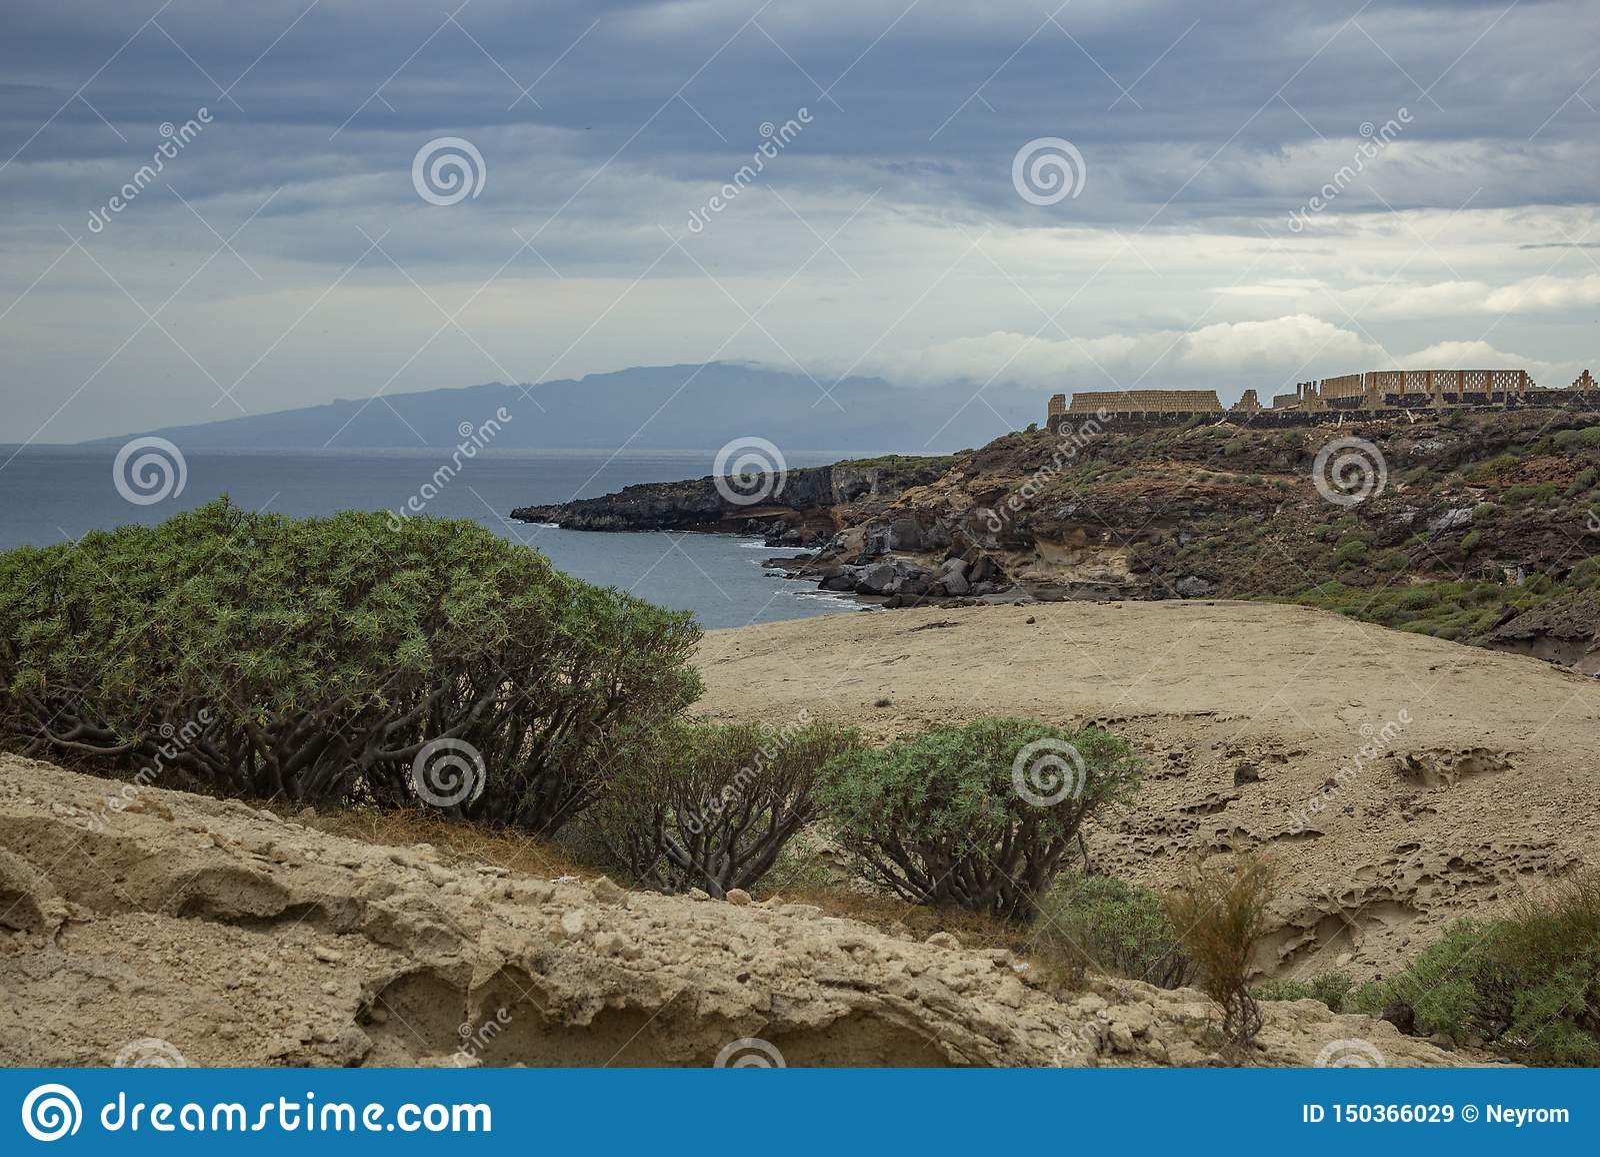 Barranco típico que rodea por el balsamifera endémico canario en Adeje, el sur del euforbio del milkweed de Tenerife, islas Canar